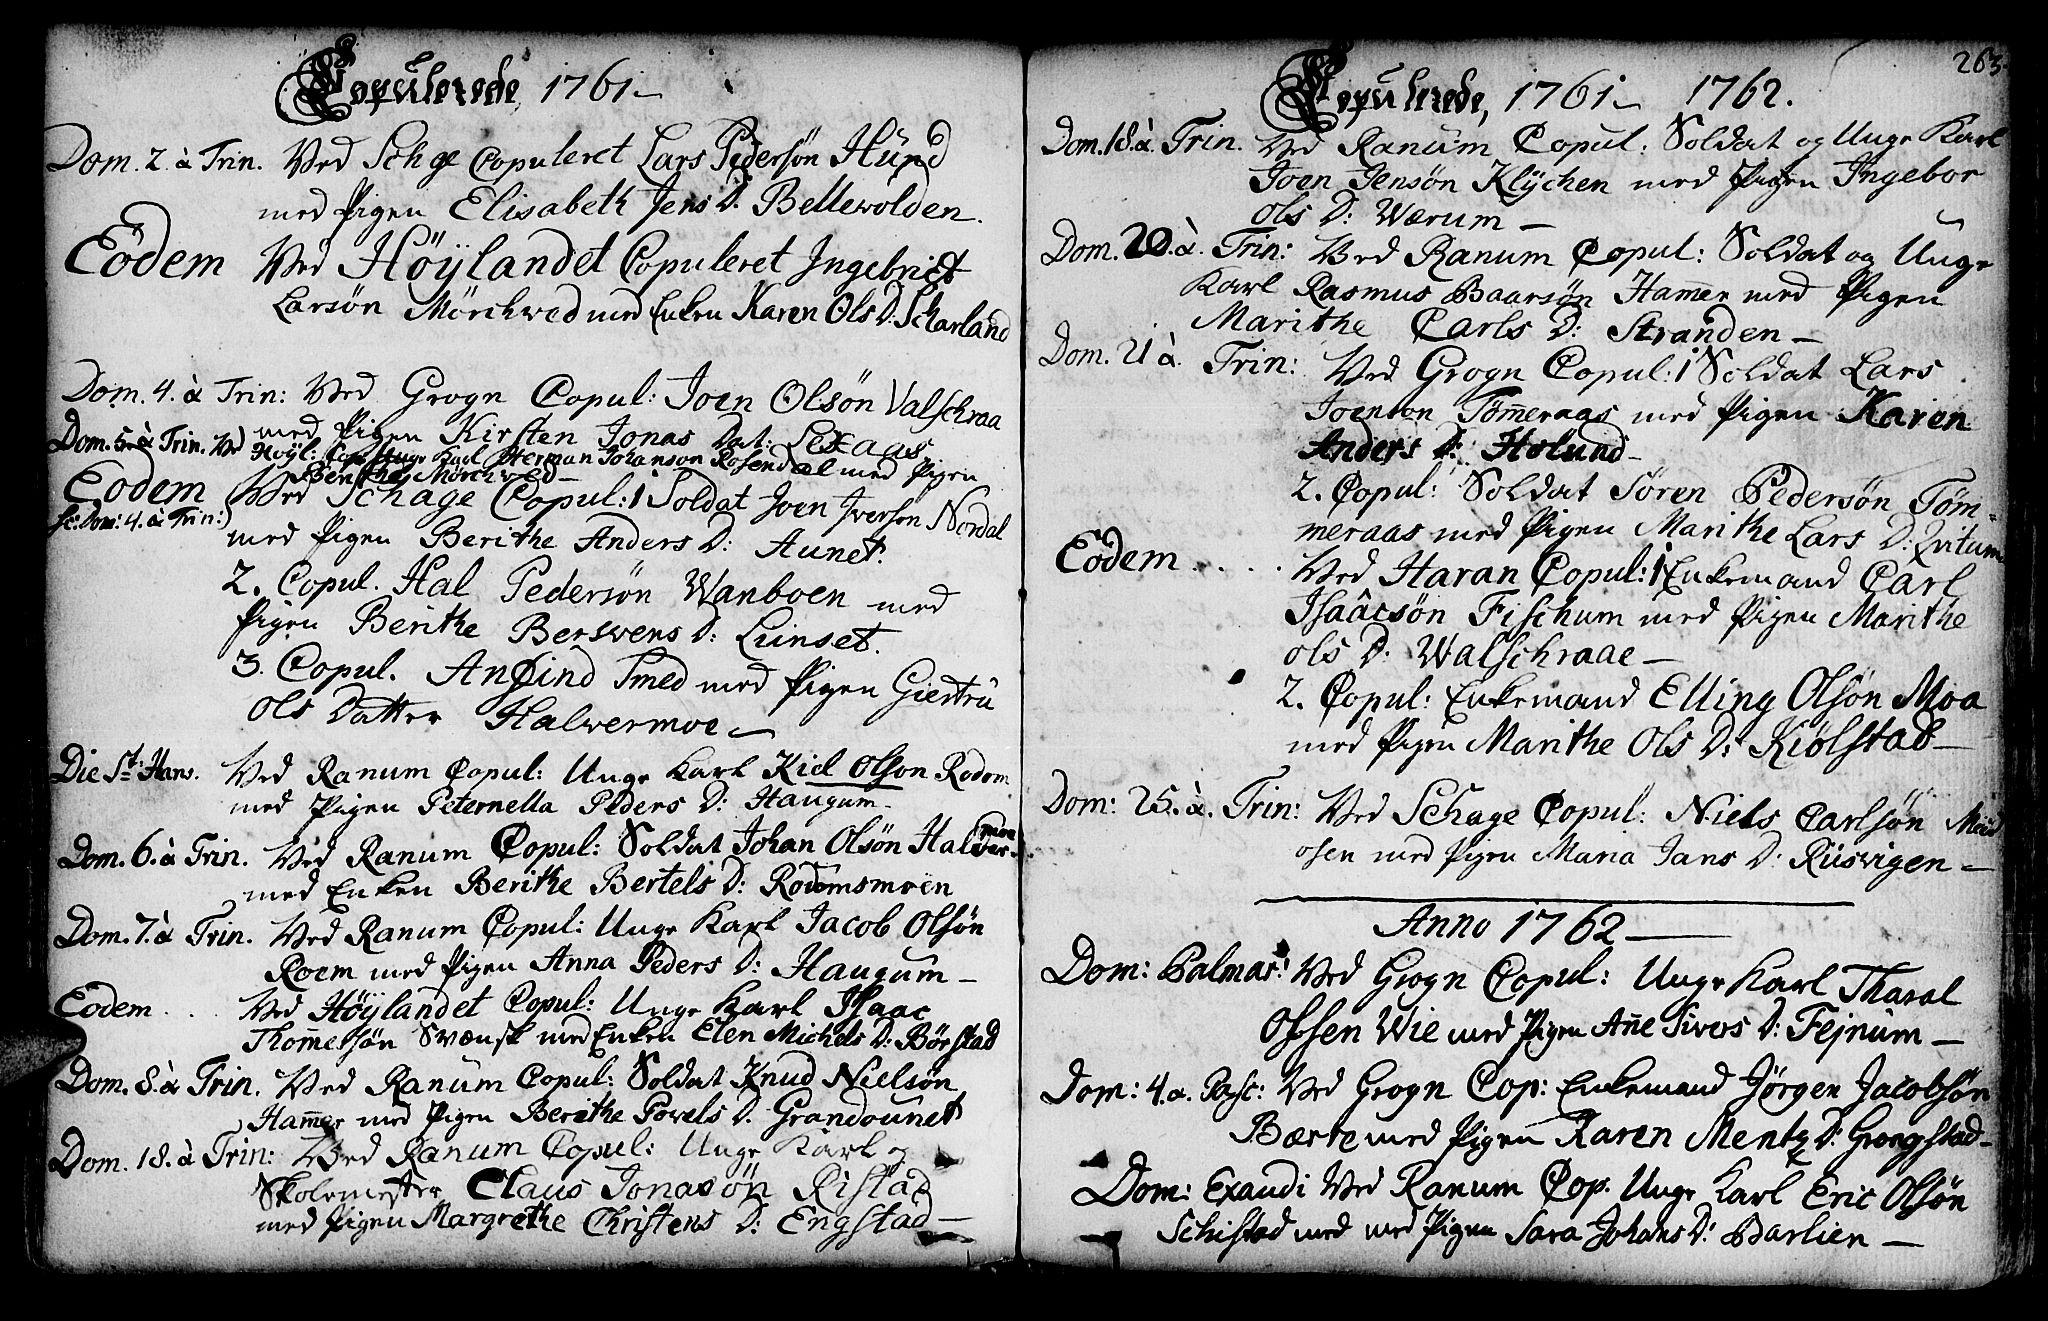 SAT, Ministerialprotokoller, klokkerbøker og fødselsregistre - Nord-Trøndelag, 764/L0542: Ministerialbok nr. 764A02, 1748-1779, s. 263